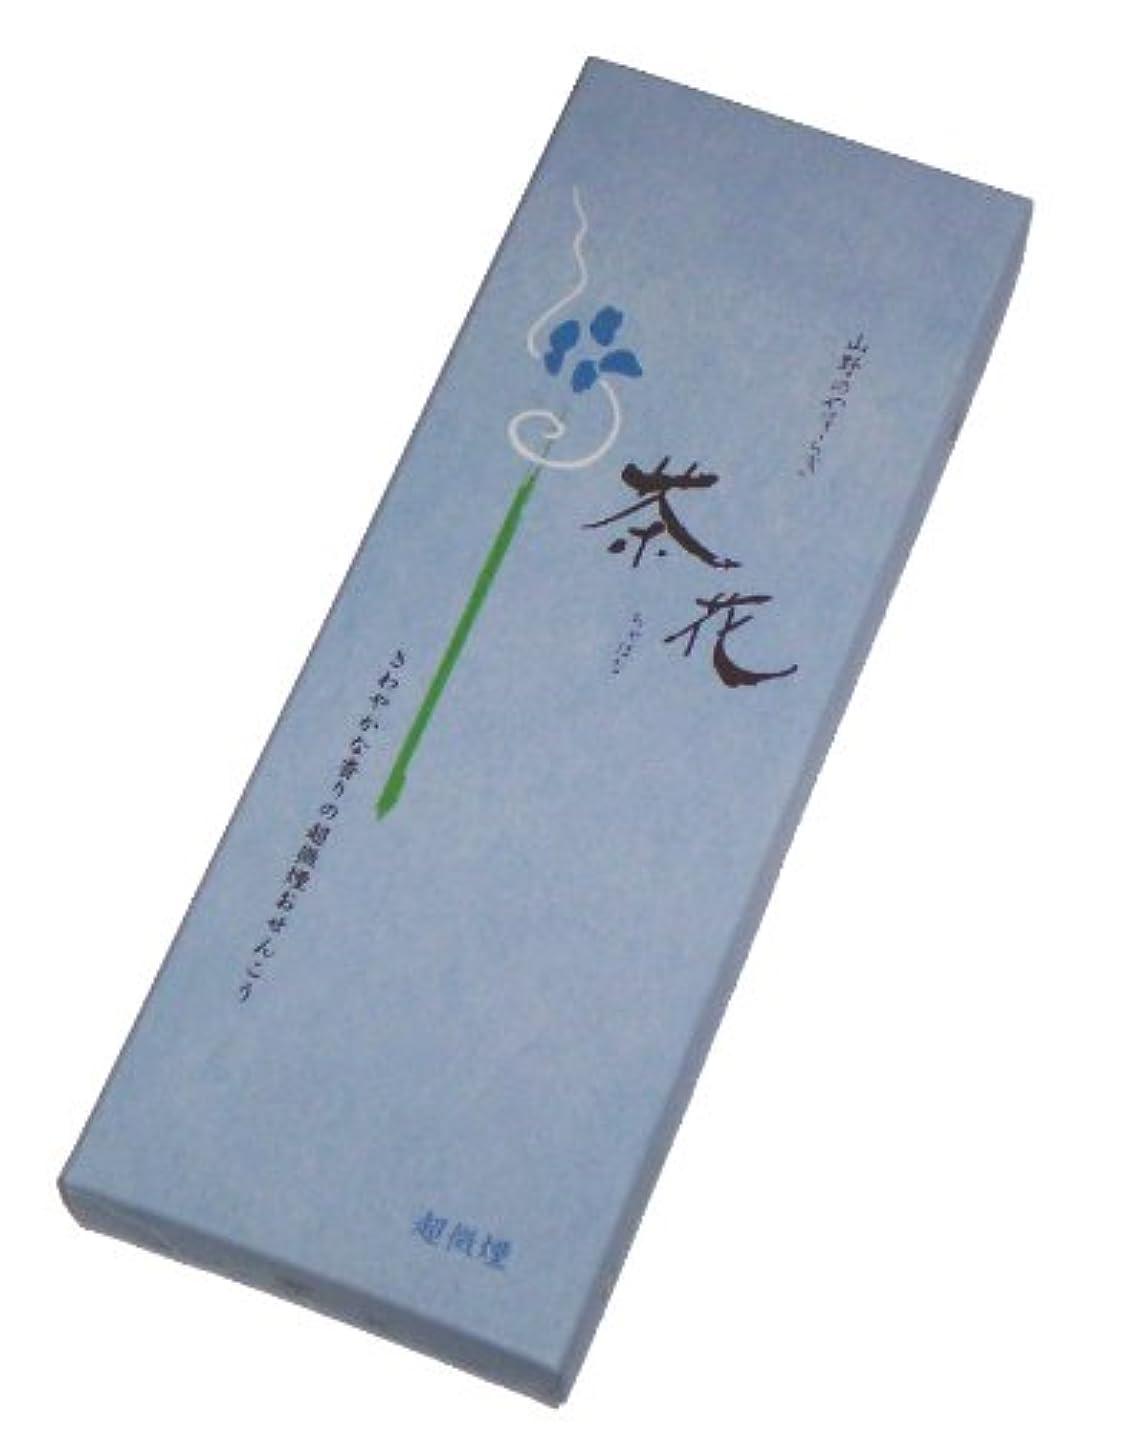 バランス配管工警告尚林堂のお線香 茶花 超微煙 長寸バラ